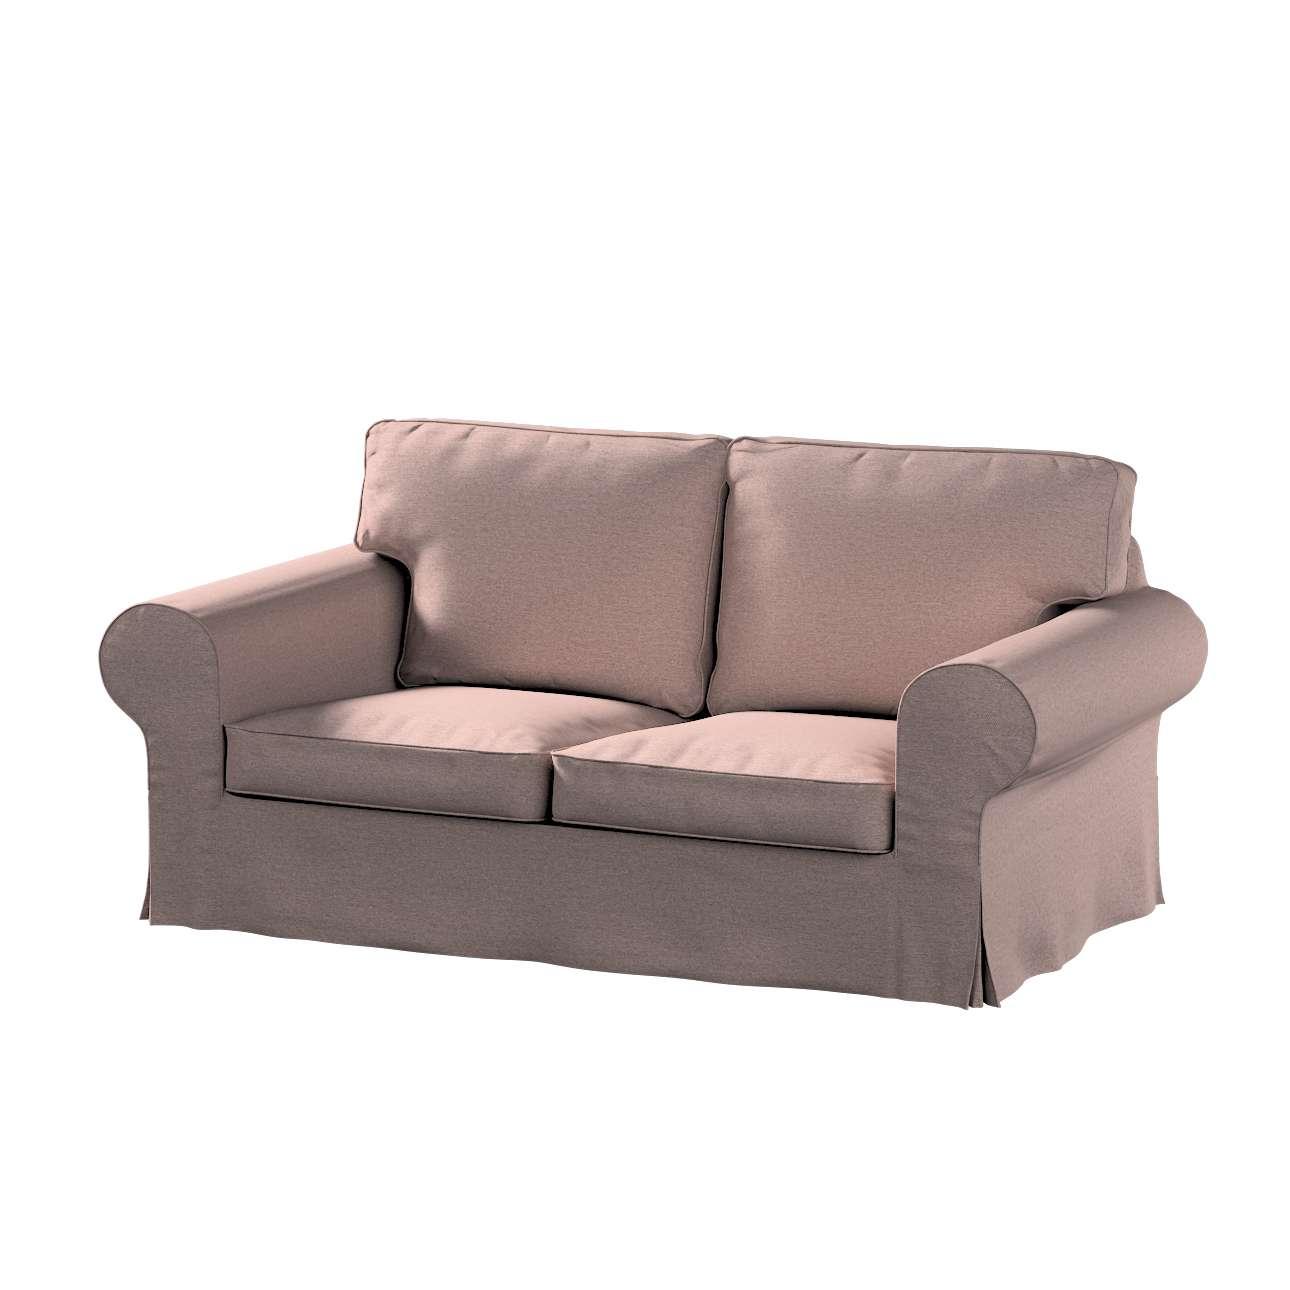 Pokrowiec na sofę Ektorp 2-osobową, rozkładaną, model do 2012 w kolekcji Madrid, tkanina: 161-88